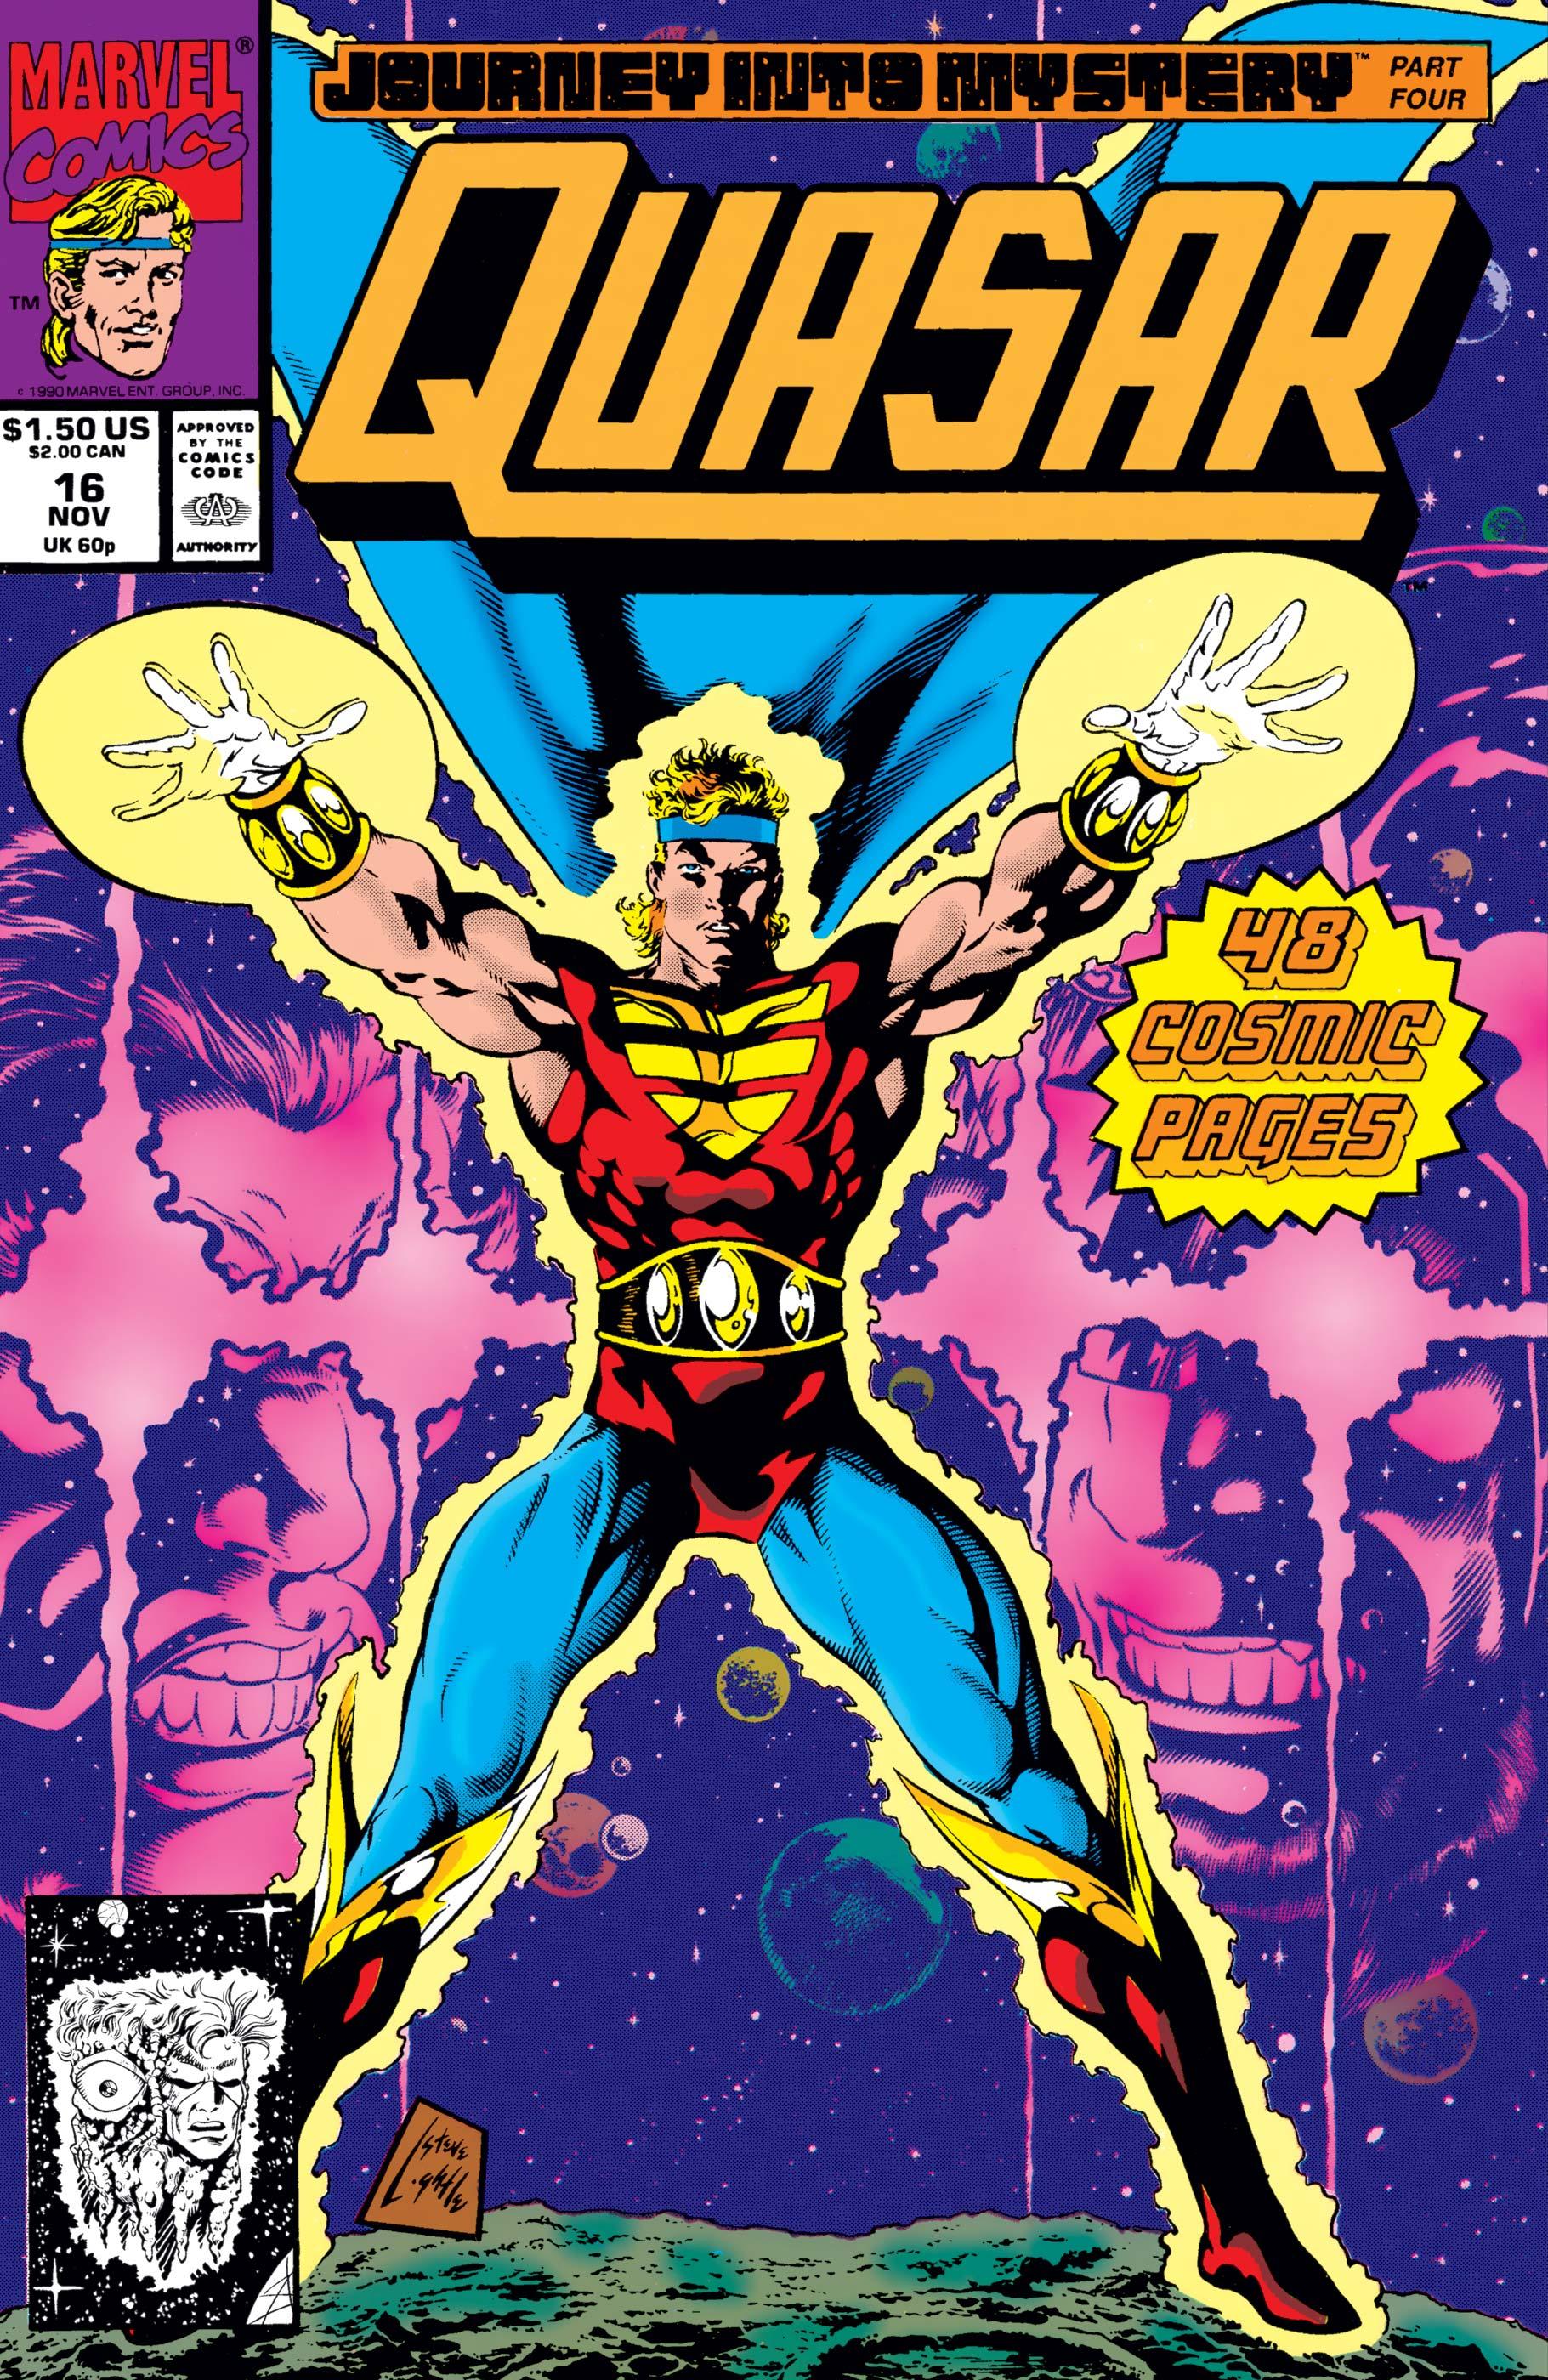 Quasar (1989) #16